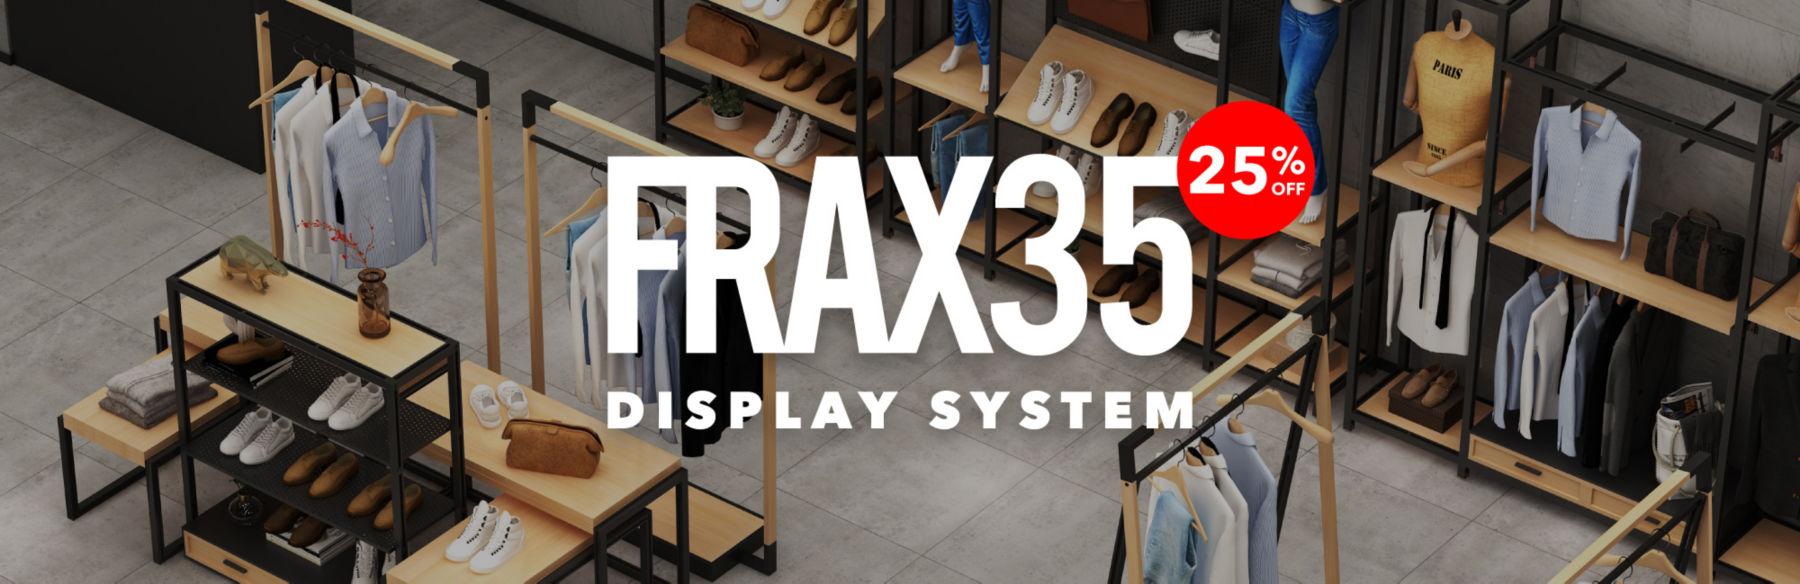 Frax35